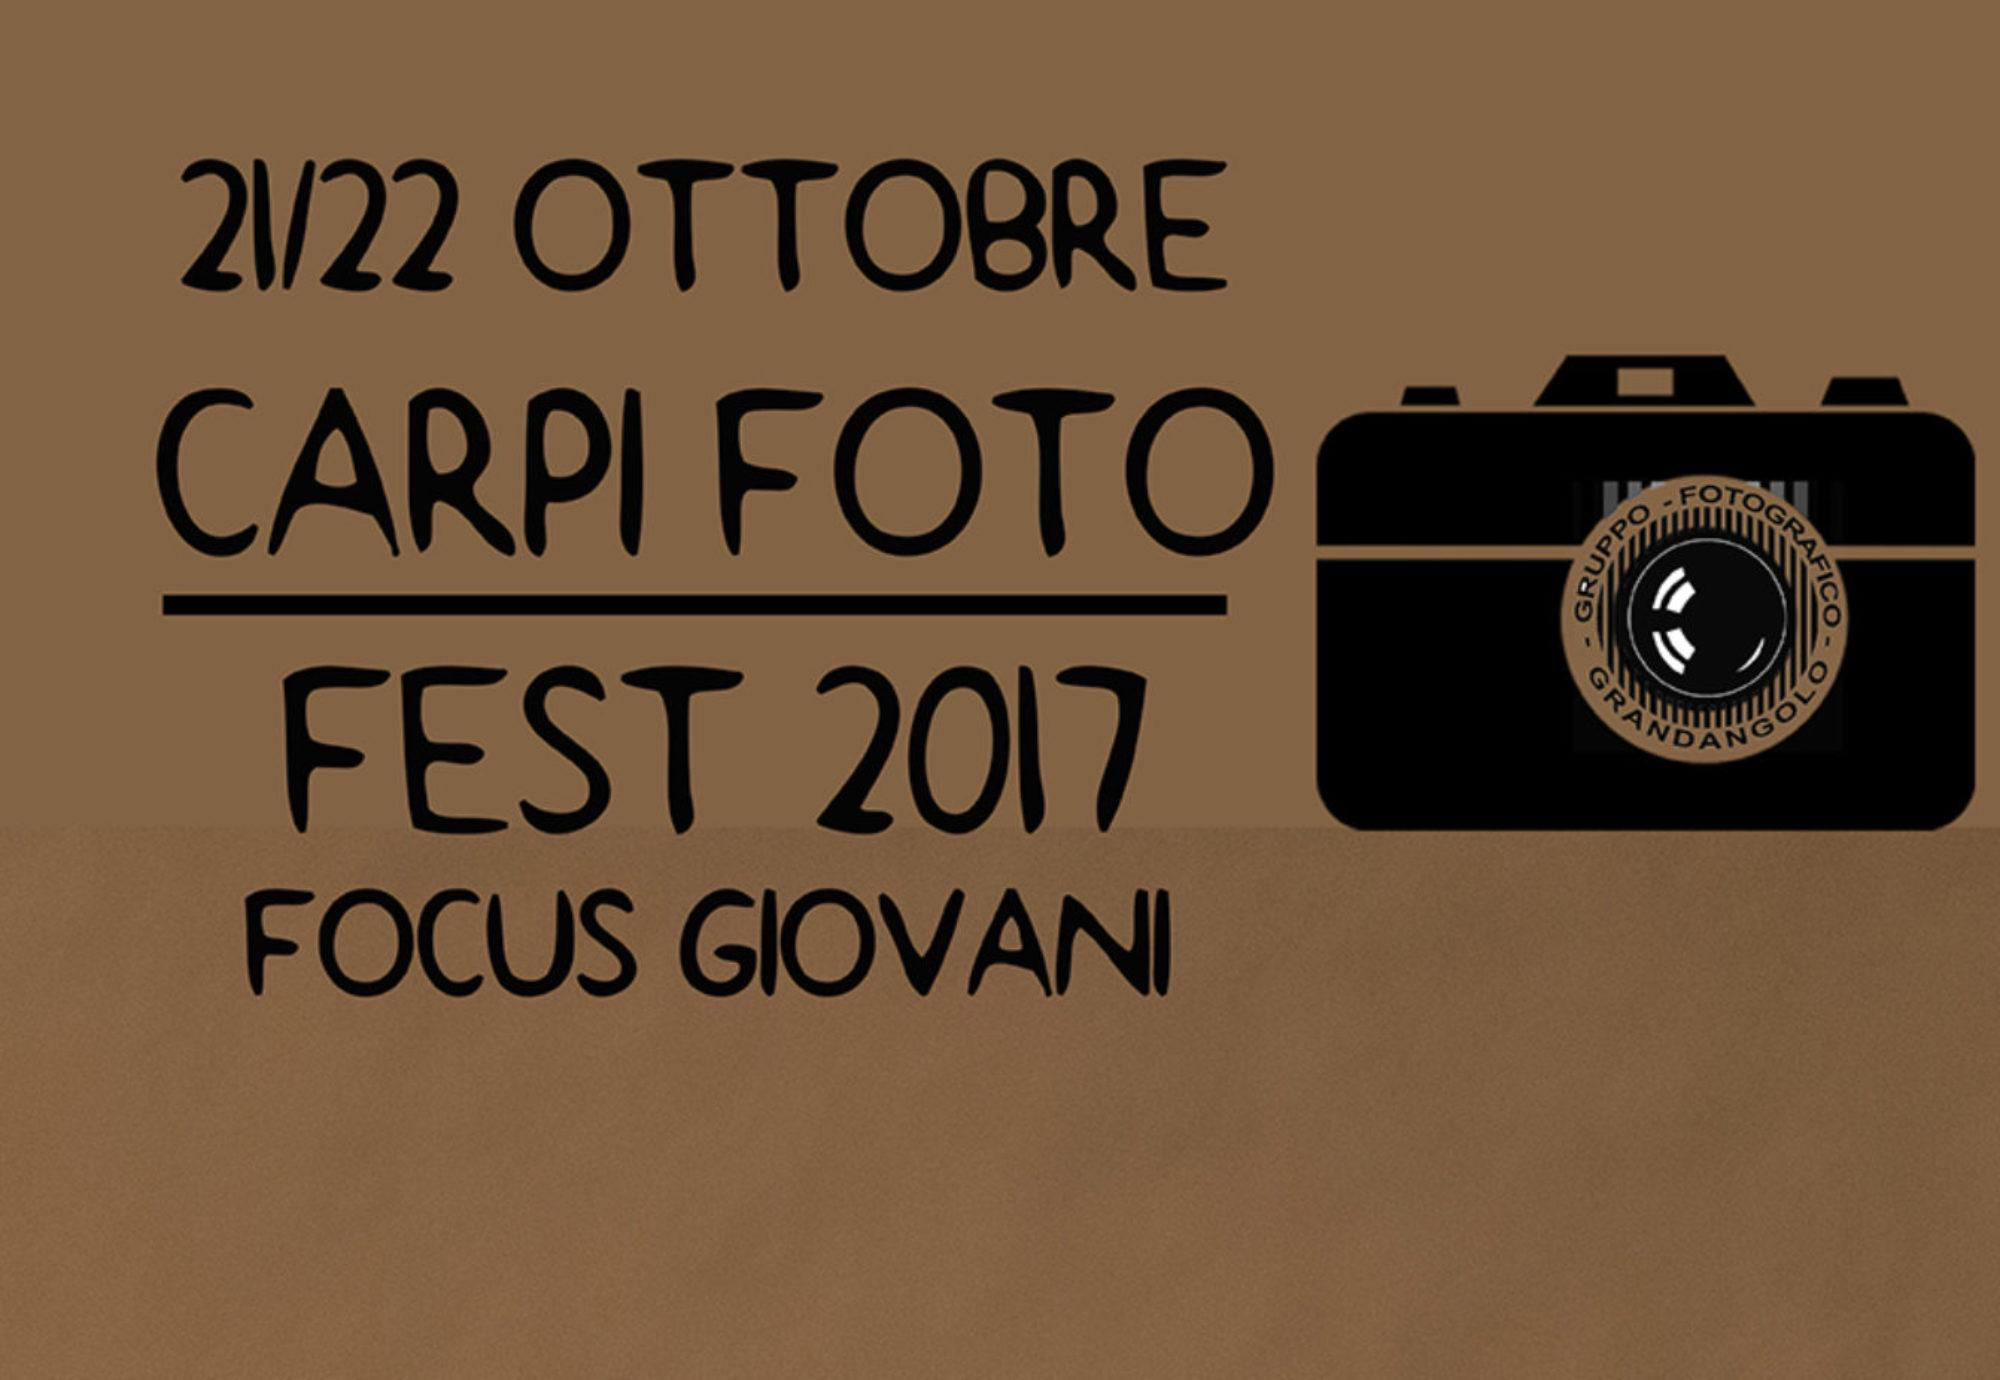 Gruppo Fotografico Grandangolo BFI